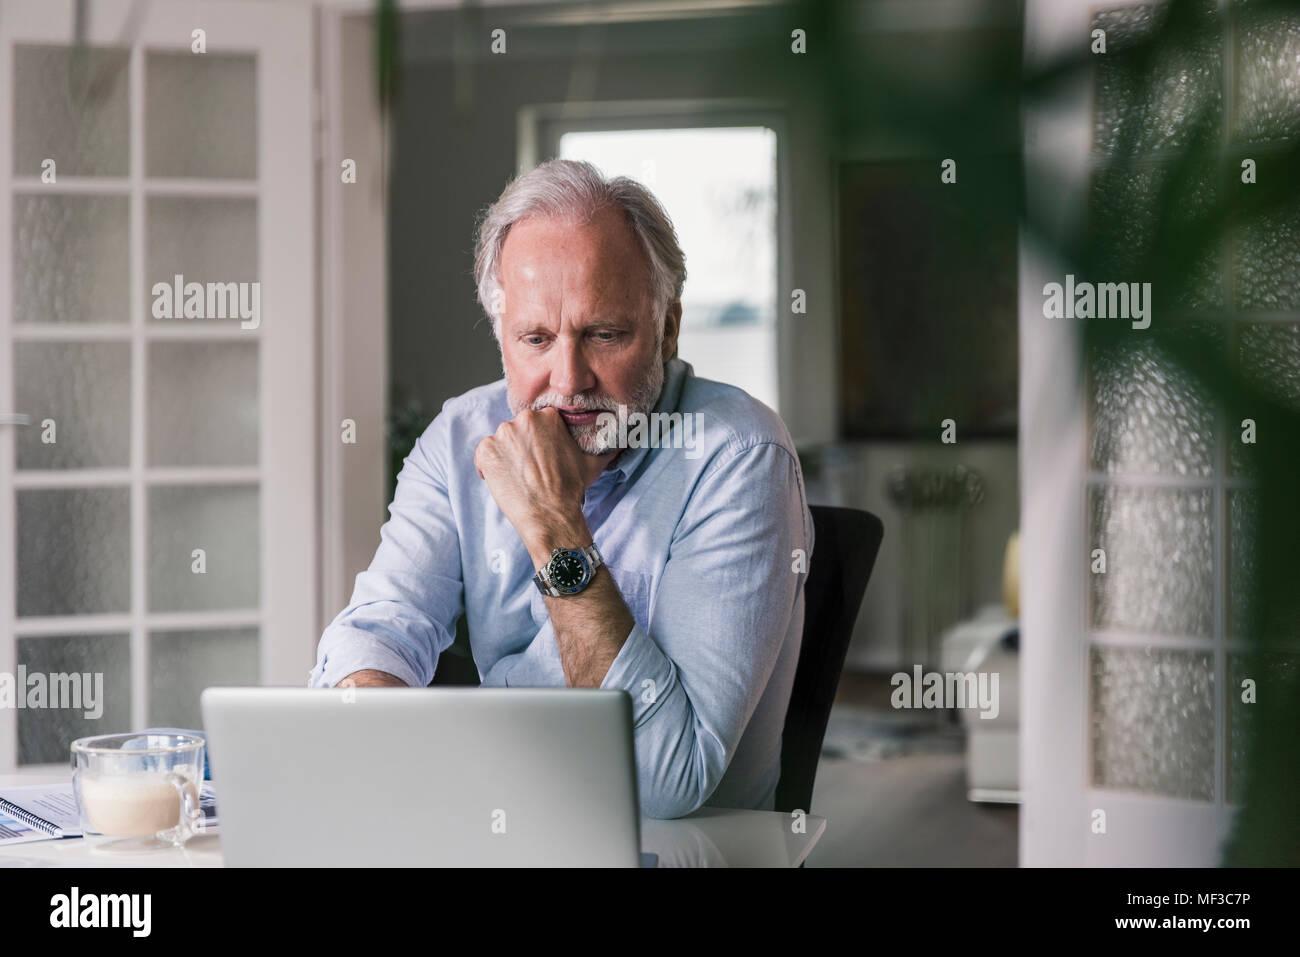 Ritratto di uomo maturo utilizzando portatile a casa Immagini Stock